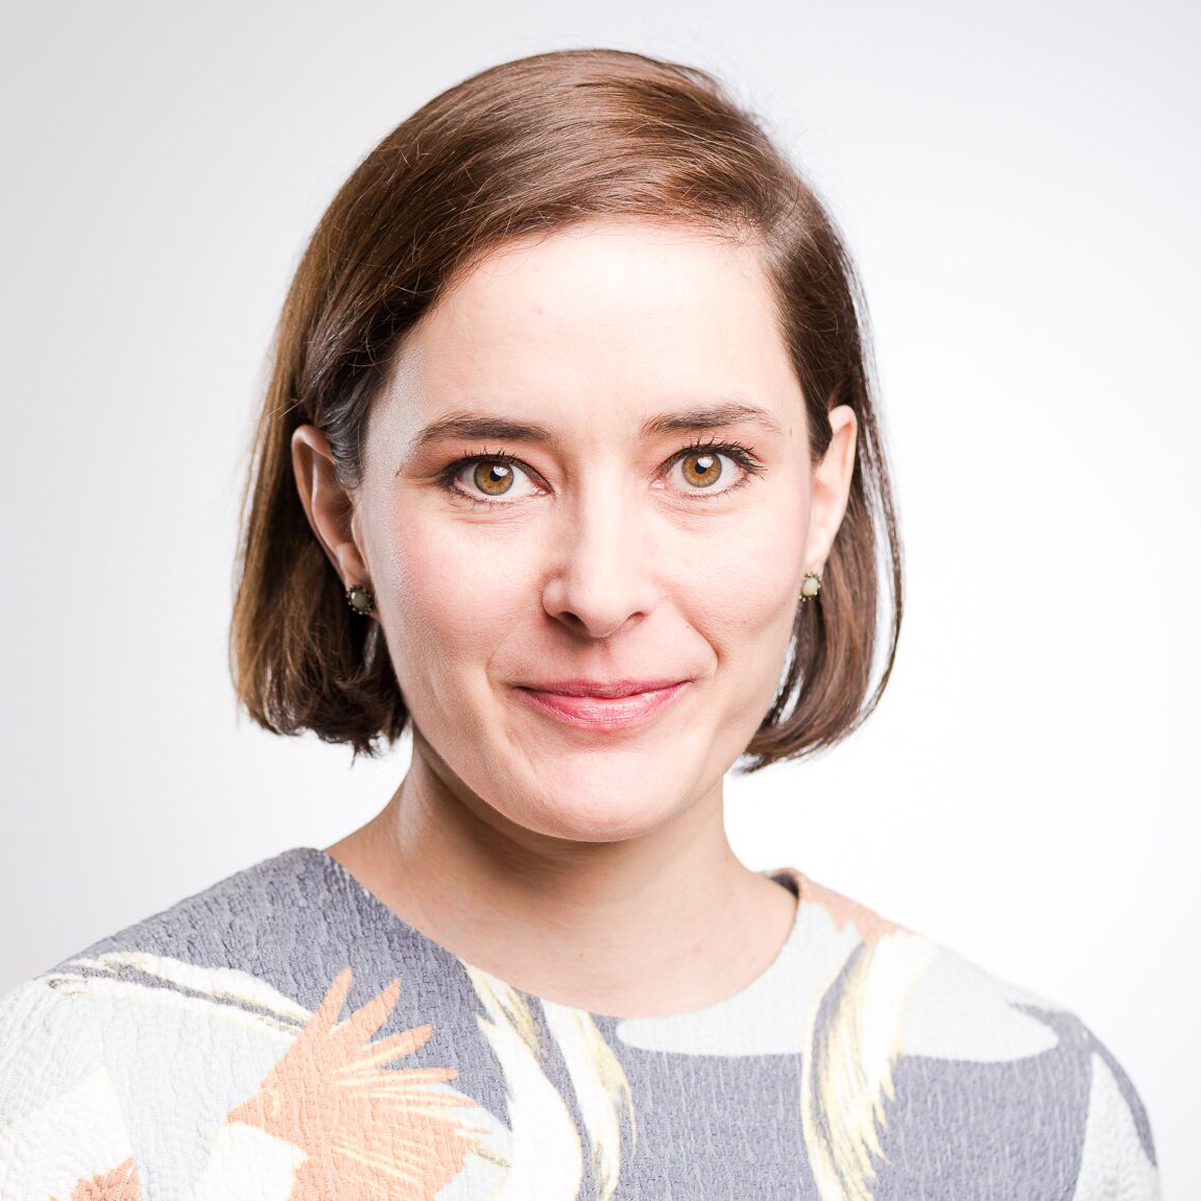 Nadia Meier